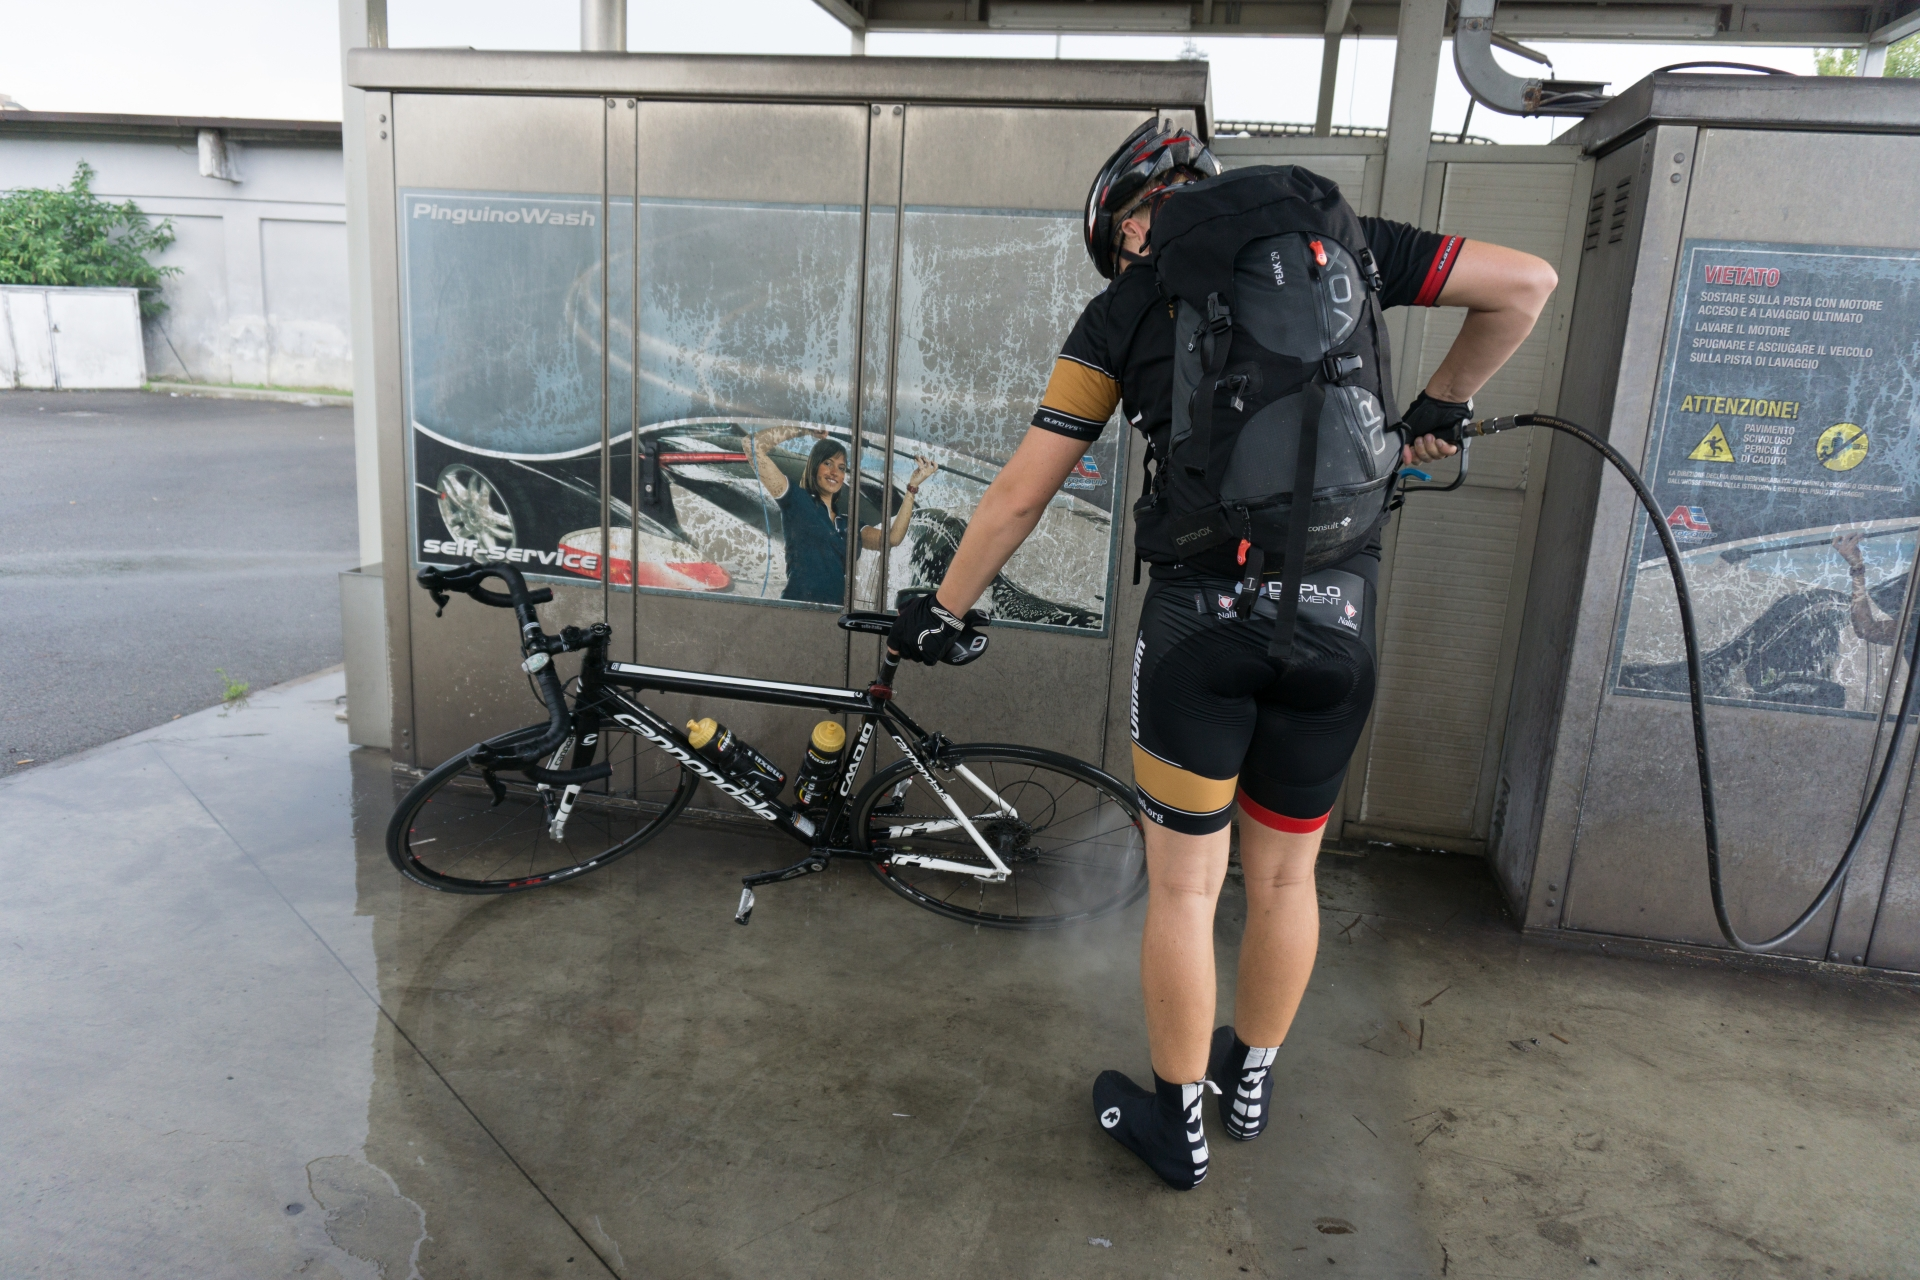 De sista mila inn til Firenze så lå vi noen minutter bak en regnbyge. Veien var ikke akkurat ren, så vi stakk innom en bensinstasjon og spylte av syklene litt. Henrik sin sykkel var for øvrig renere etter dette enn den noengang har vært det siste året.